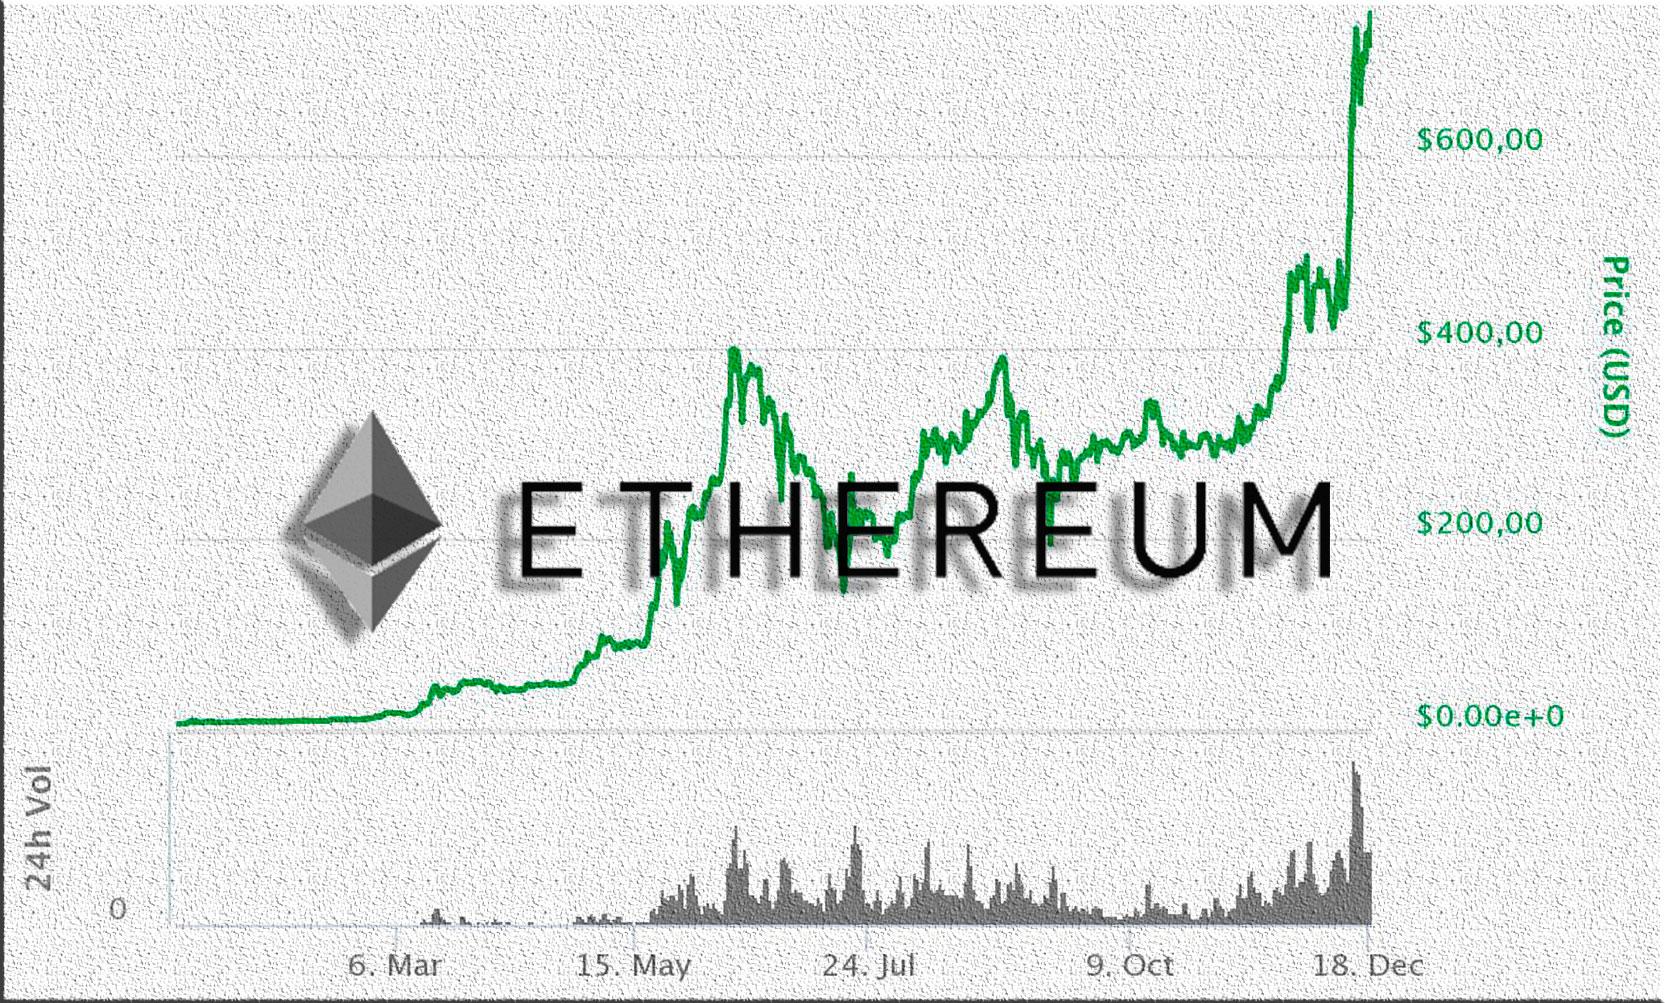 Ethereum raises 750